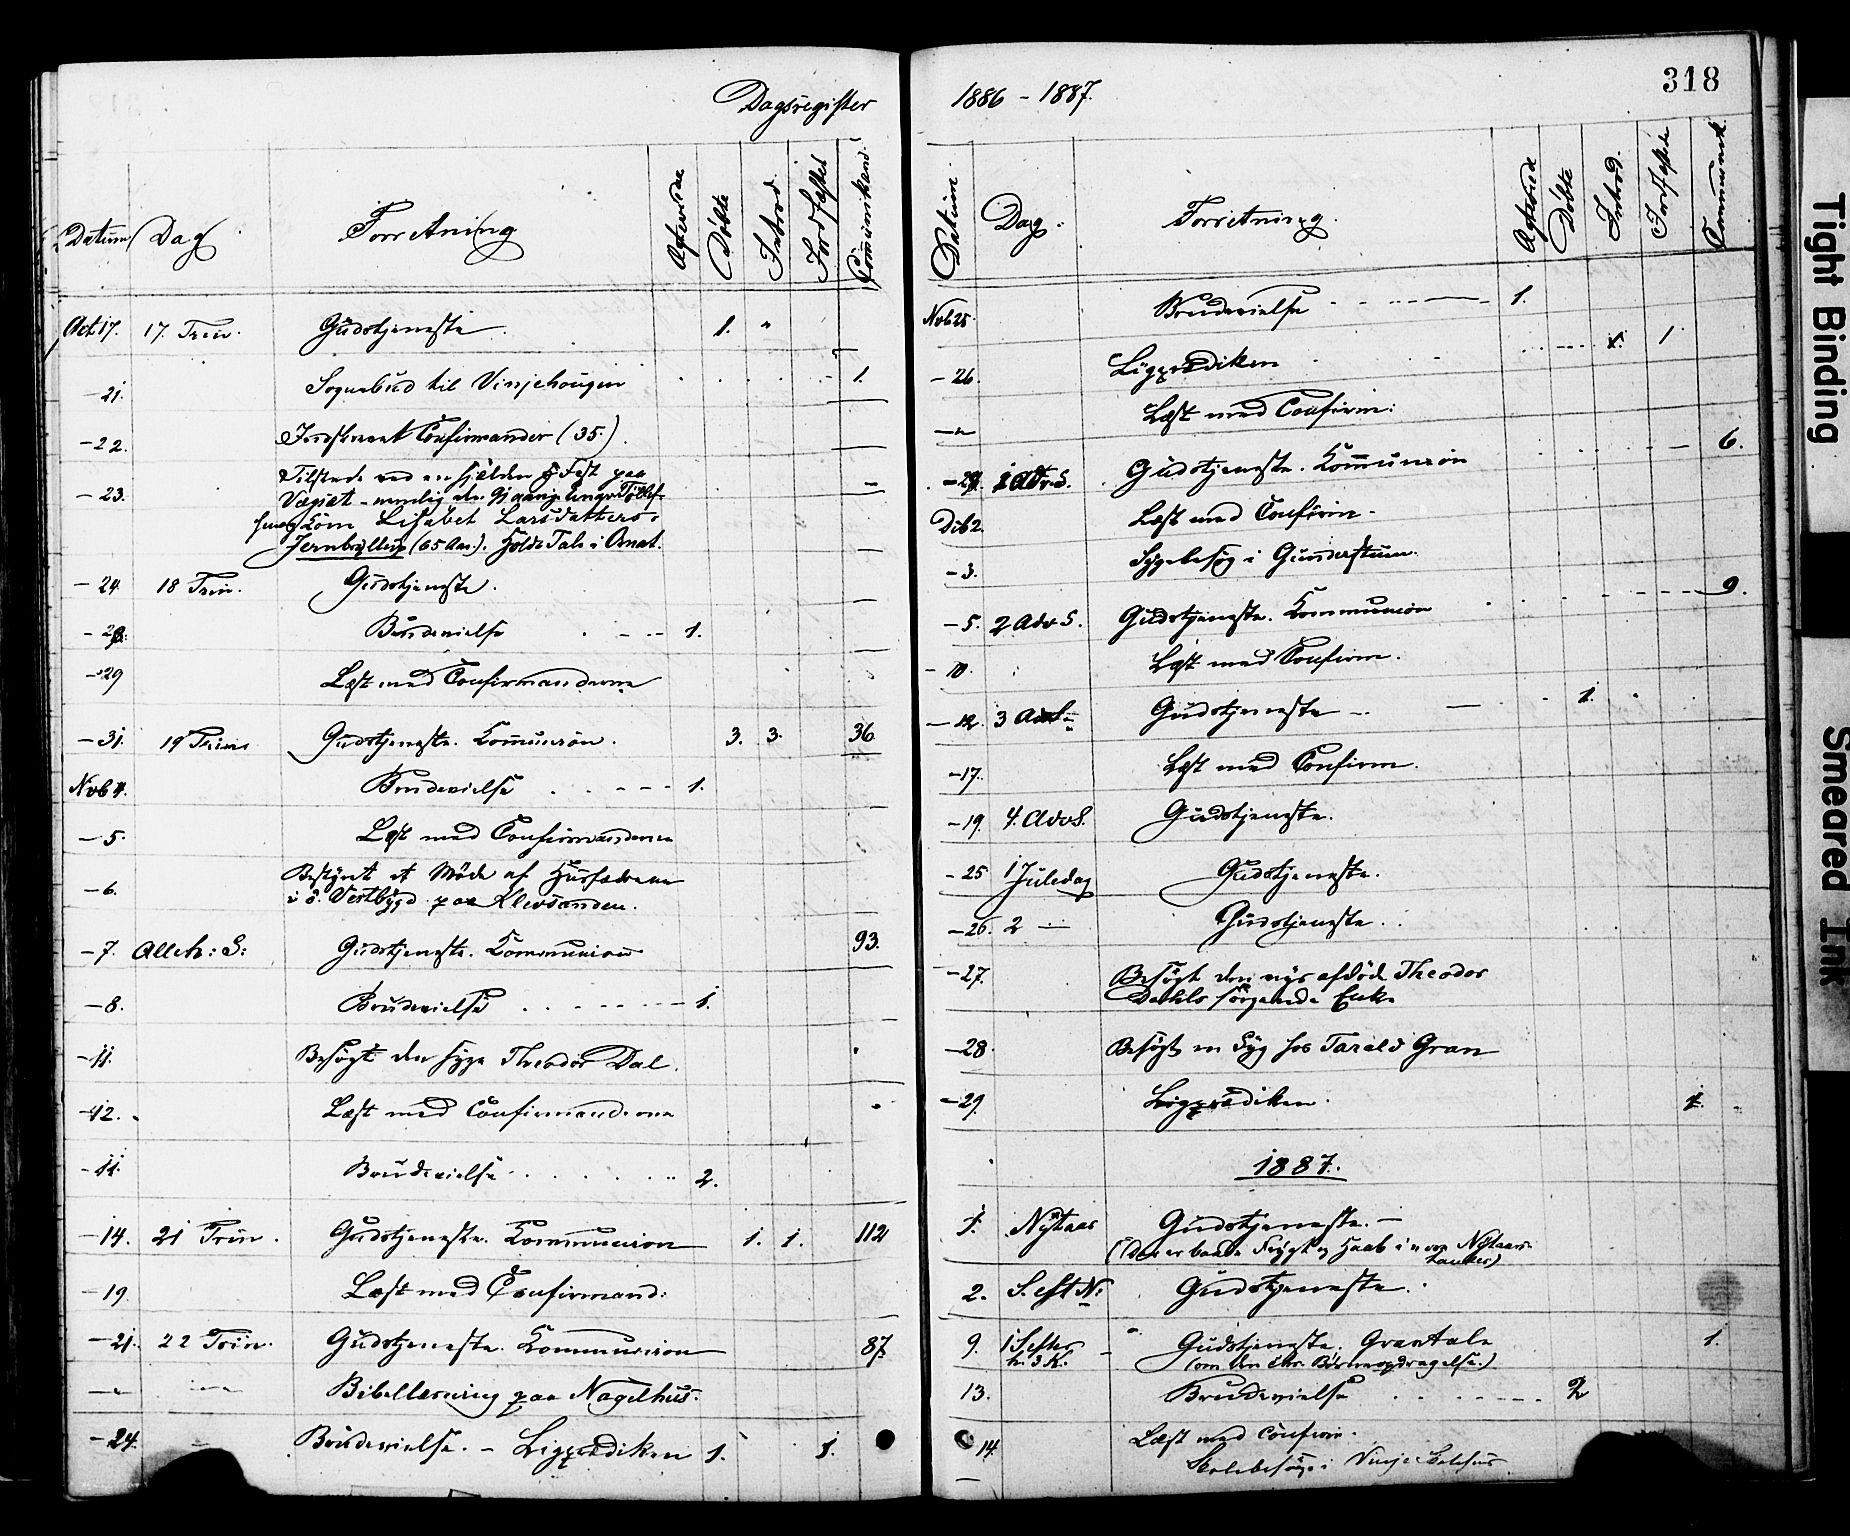 SAT, Ministerialprotokoller, klokkerbøker og fødselsregistre - Nord-Trøndelag, 749/L0473: Ministerialbok nr. 749A07, 1873-1887, s. 318